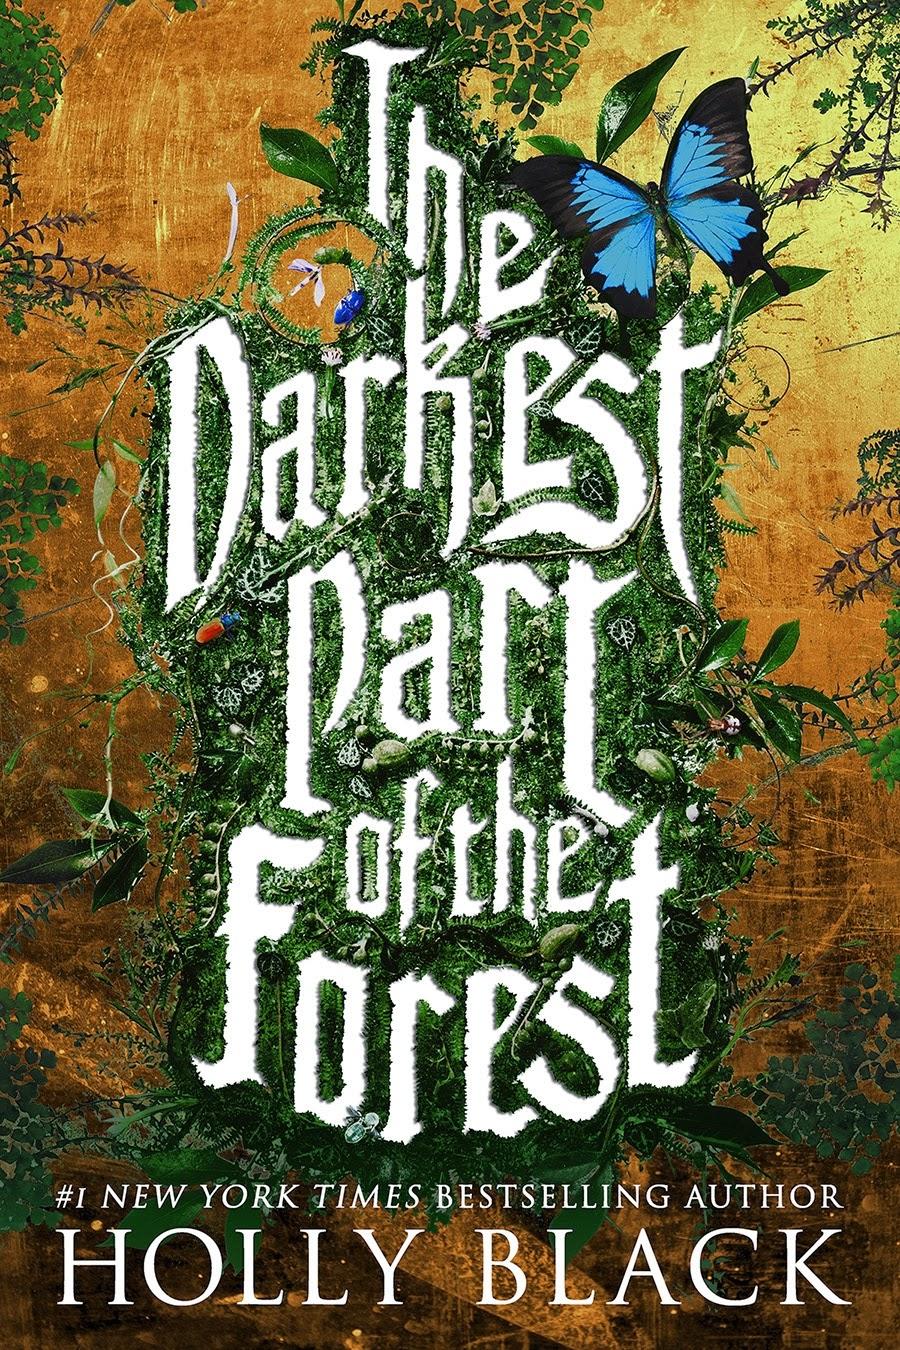 holly-black-darkest-part-forest.jpg